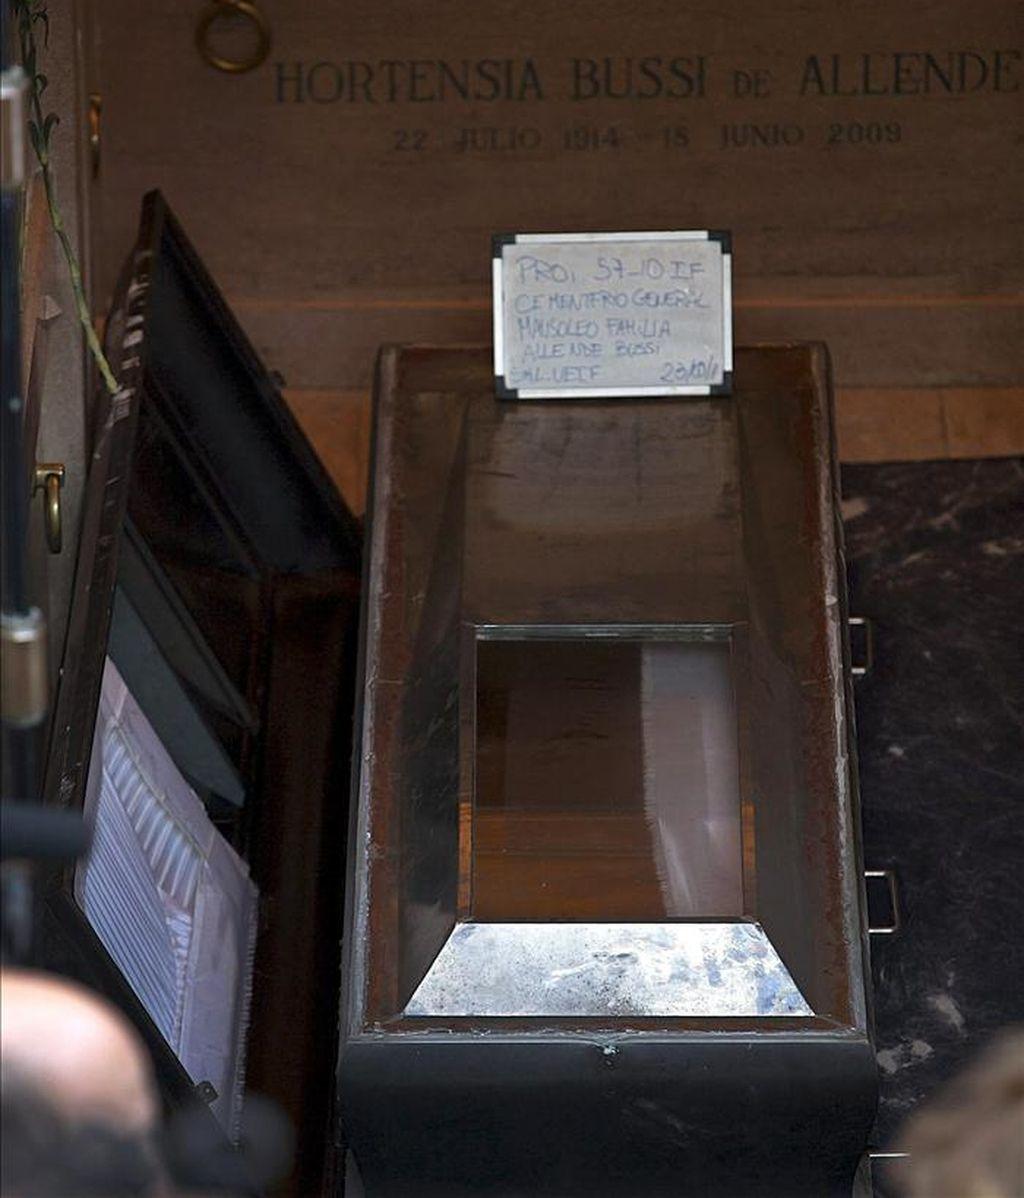 Aspecto del féretro del presidente chileno Salvador Allende, en el momento en que es extraido del mausoleo familiar, durante la exhumación de los restos del mandatario en el Cementerio General, en Santiago de Chile (Chile). EFE/Archivo